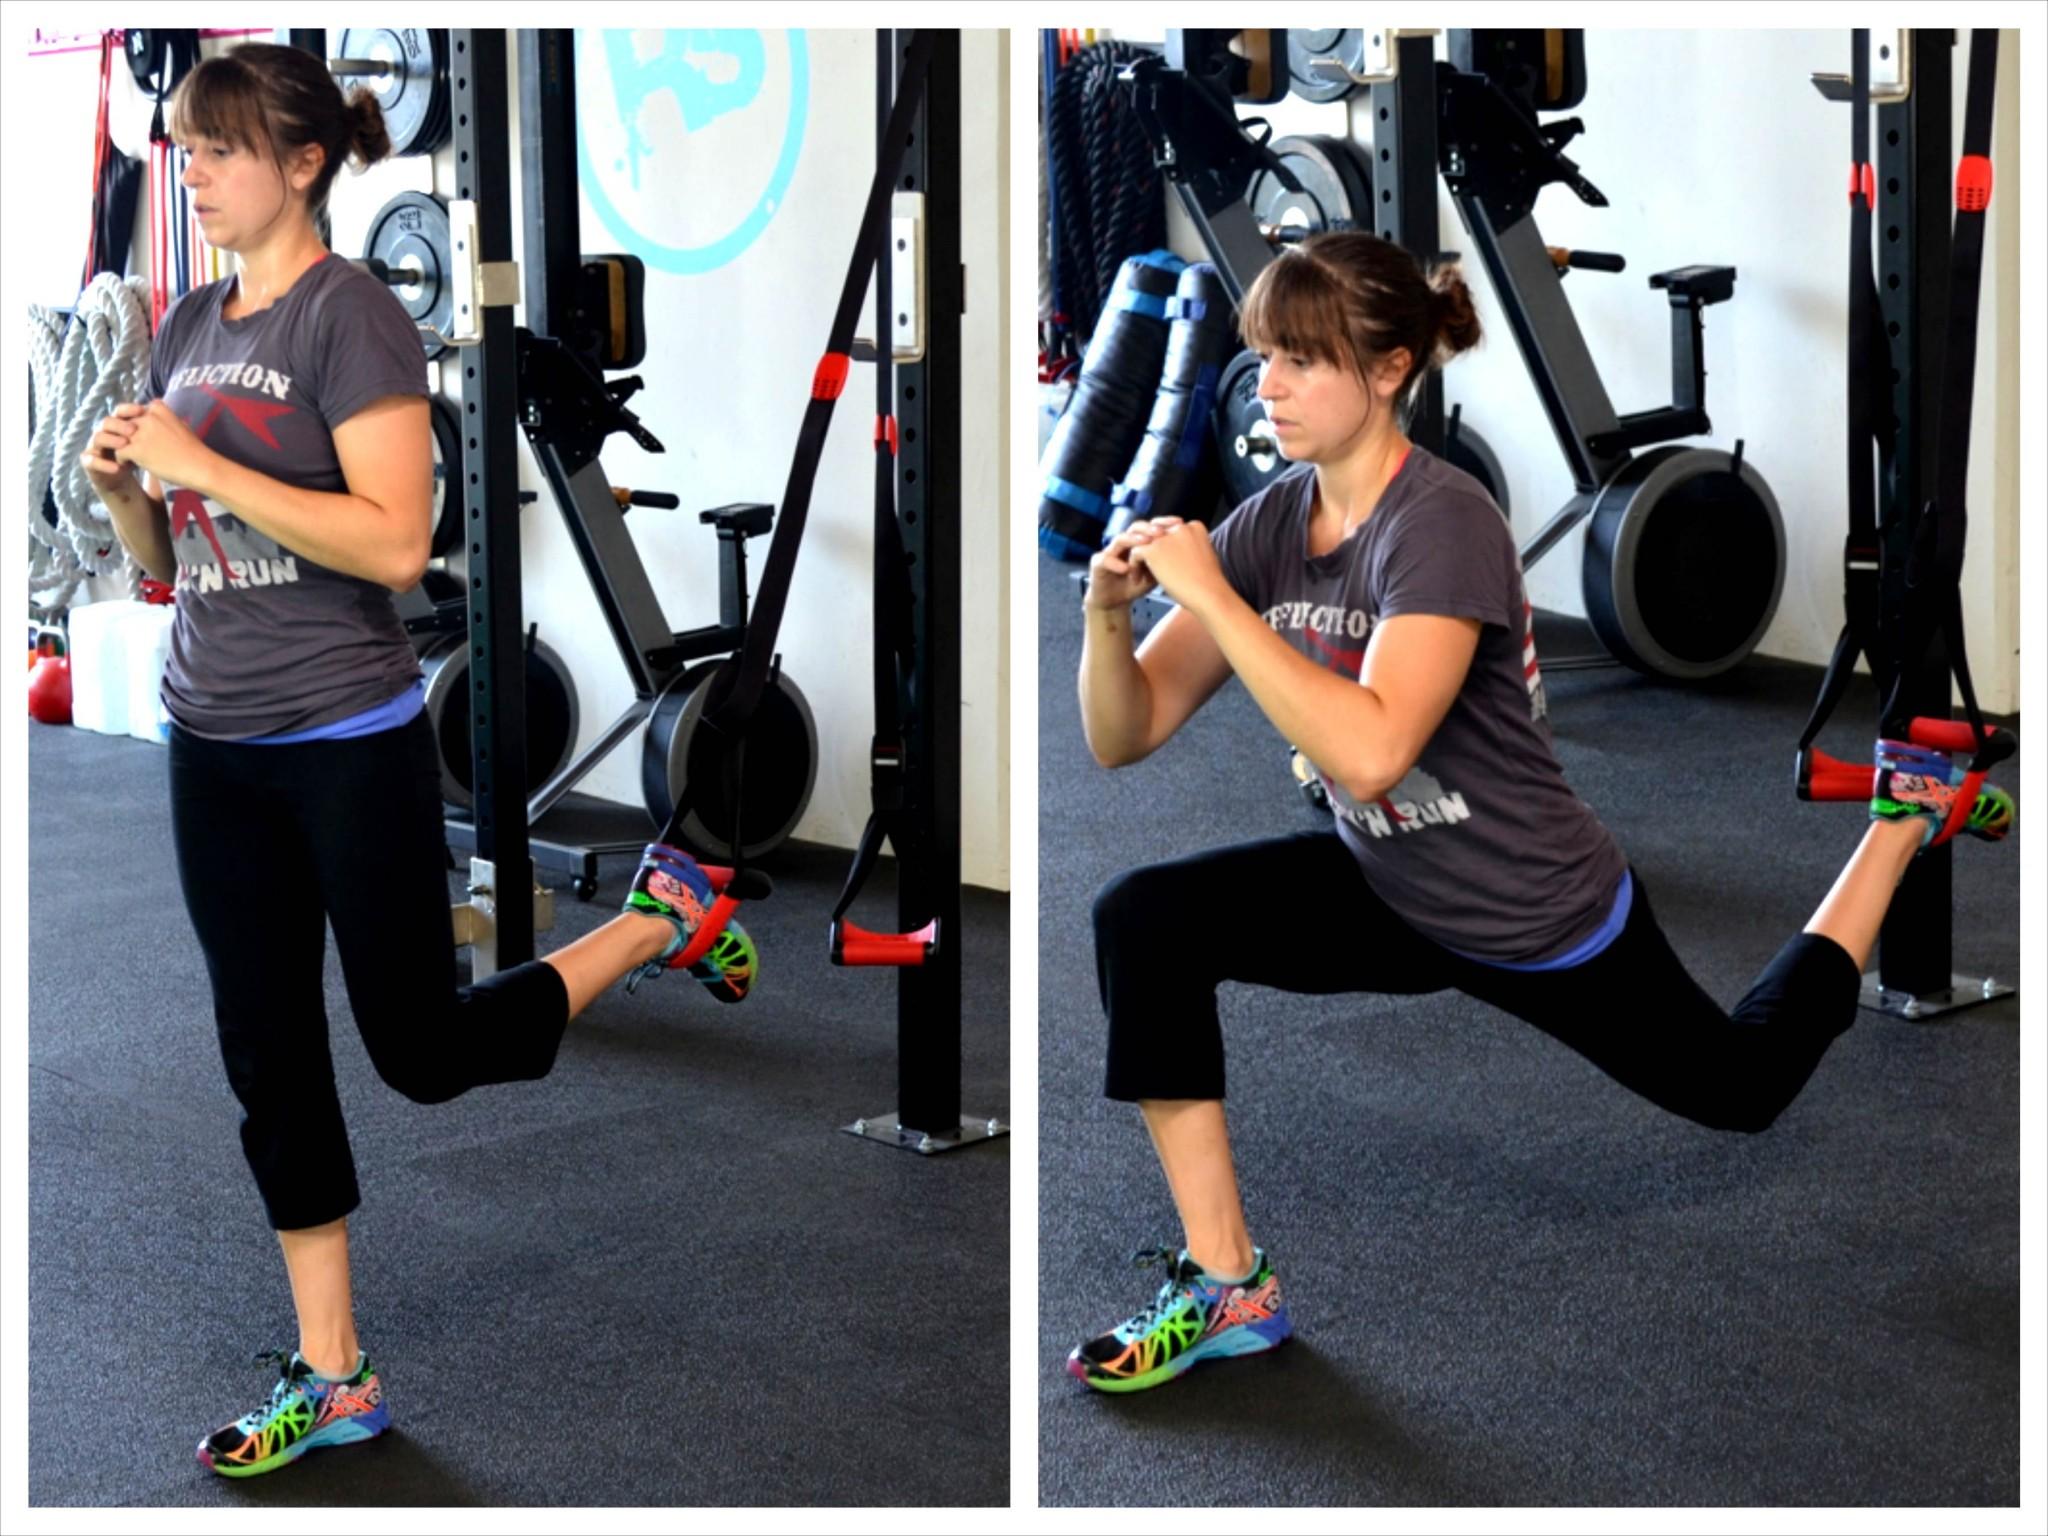 10 suspension trainer exercises redefining strength10 suspension trainer exercises for a full body workout